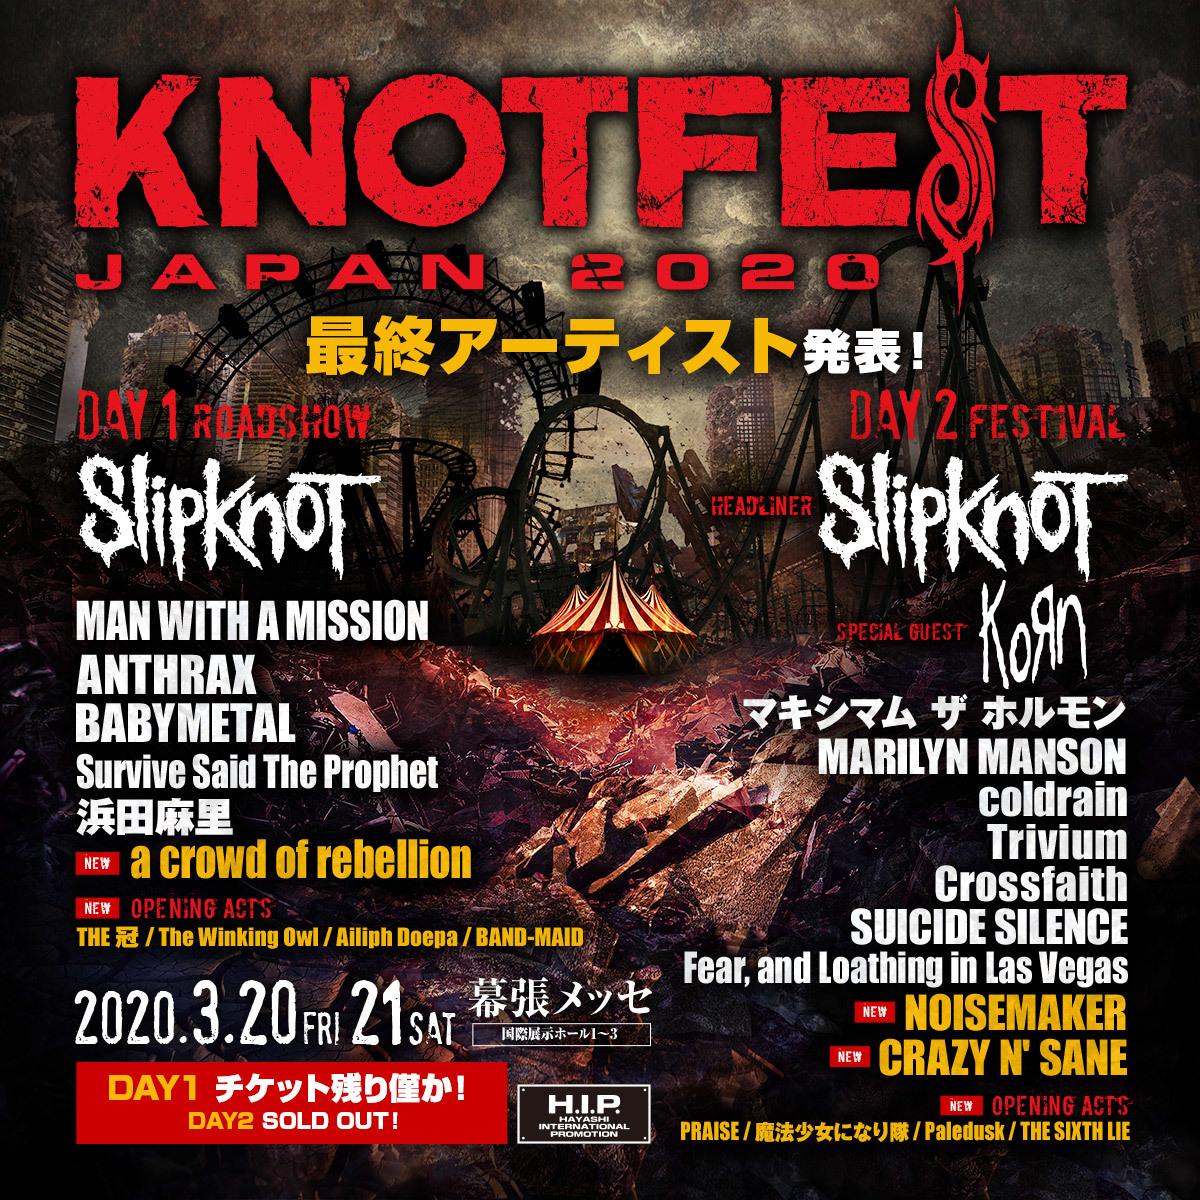 『KNOTFEST JAPAN 2020』